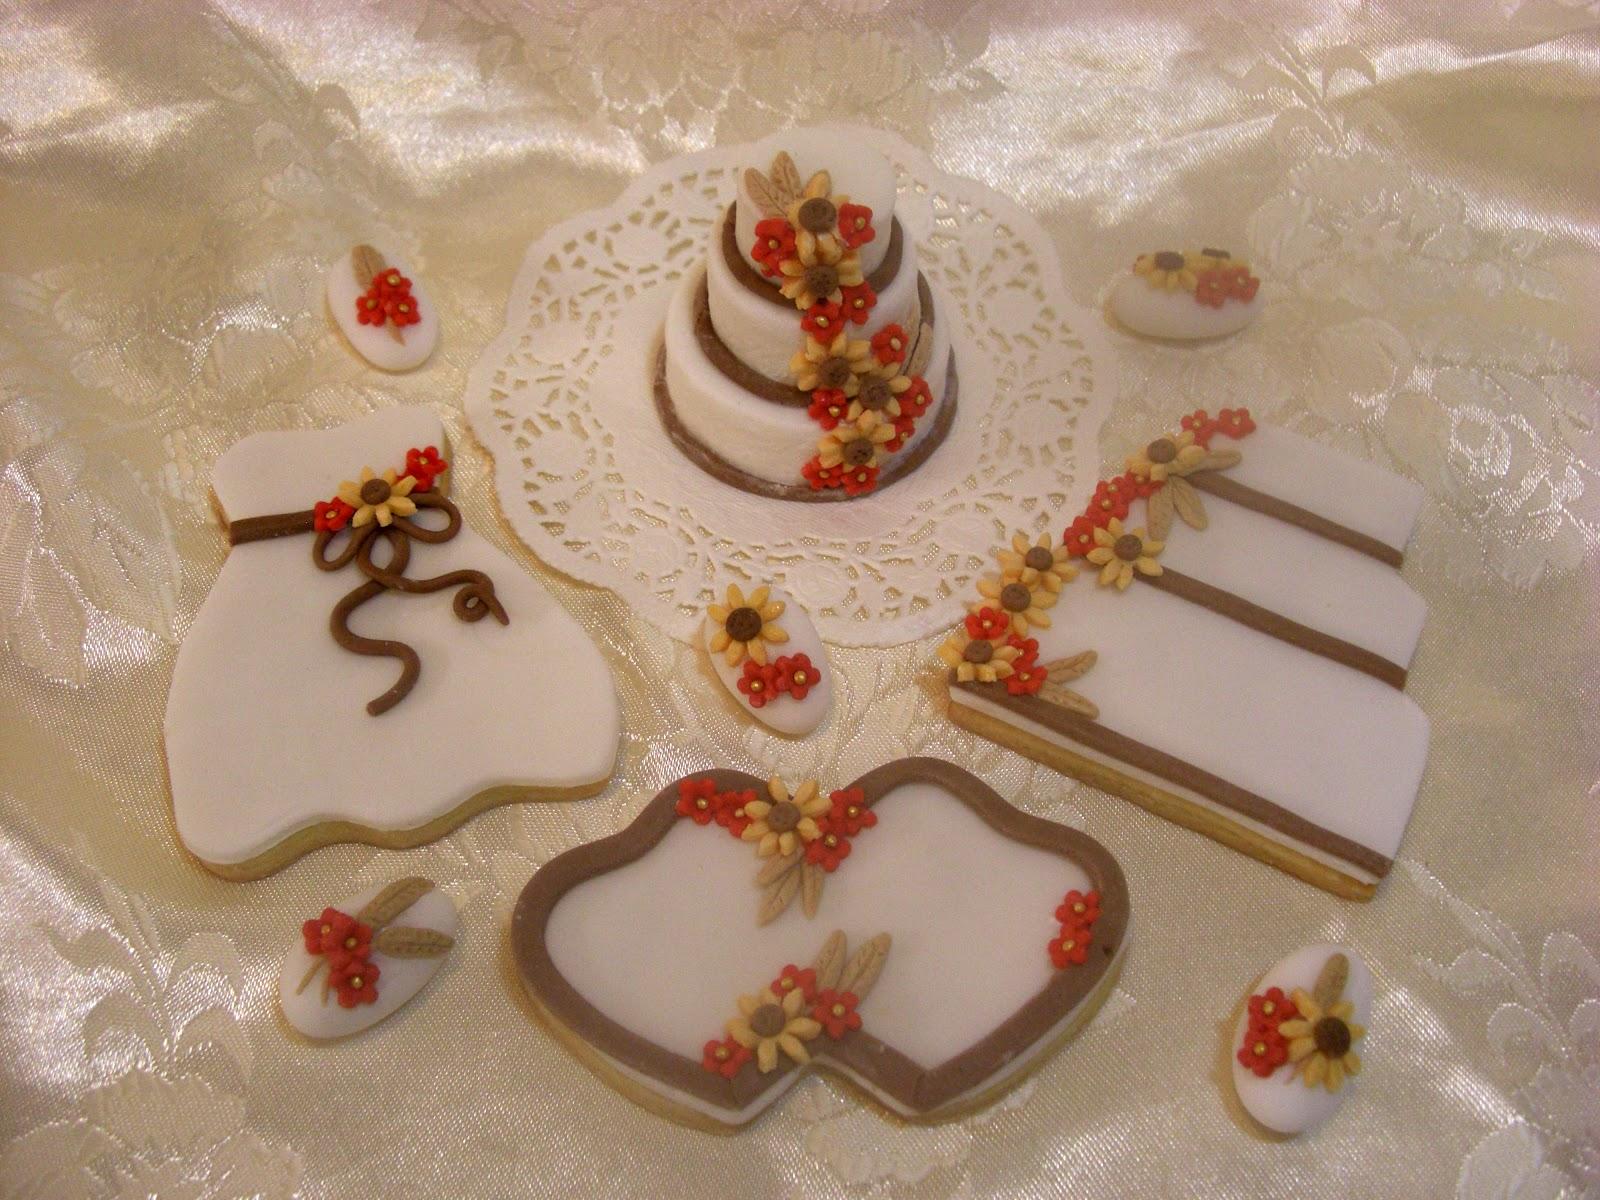 Matrimonio Tema Grano : Matrimonio tema grano colore sposarsi in